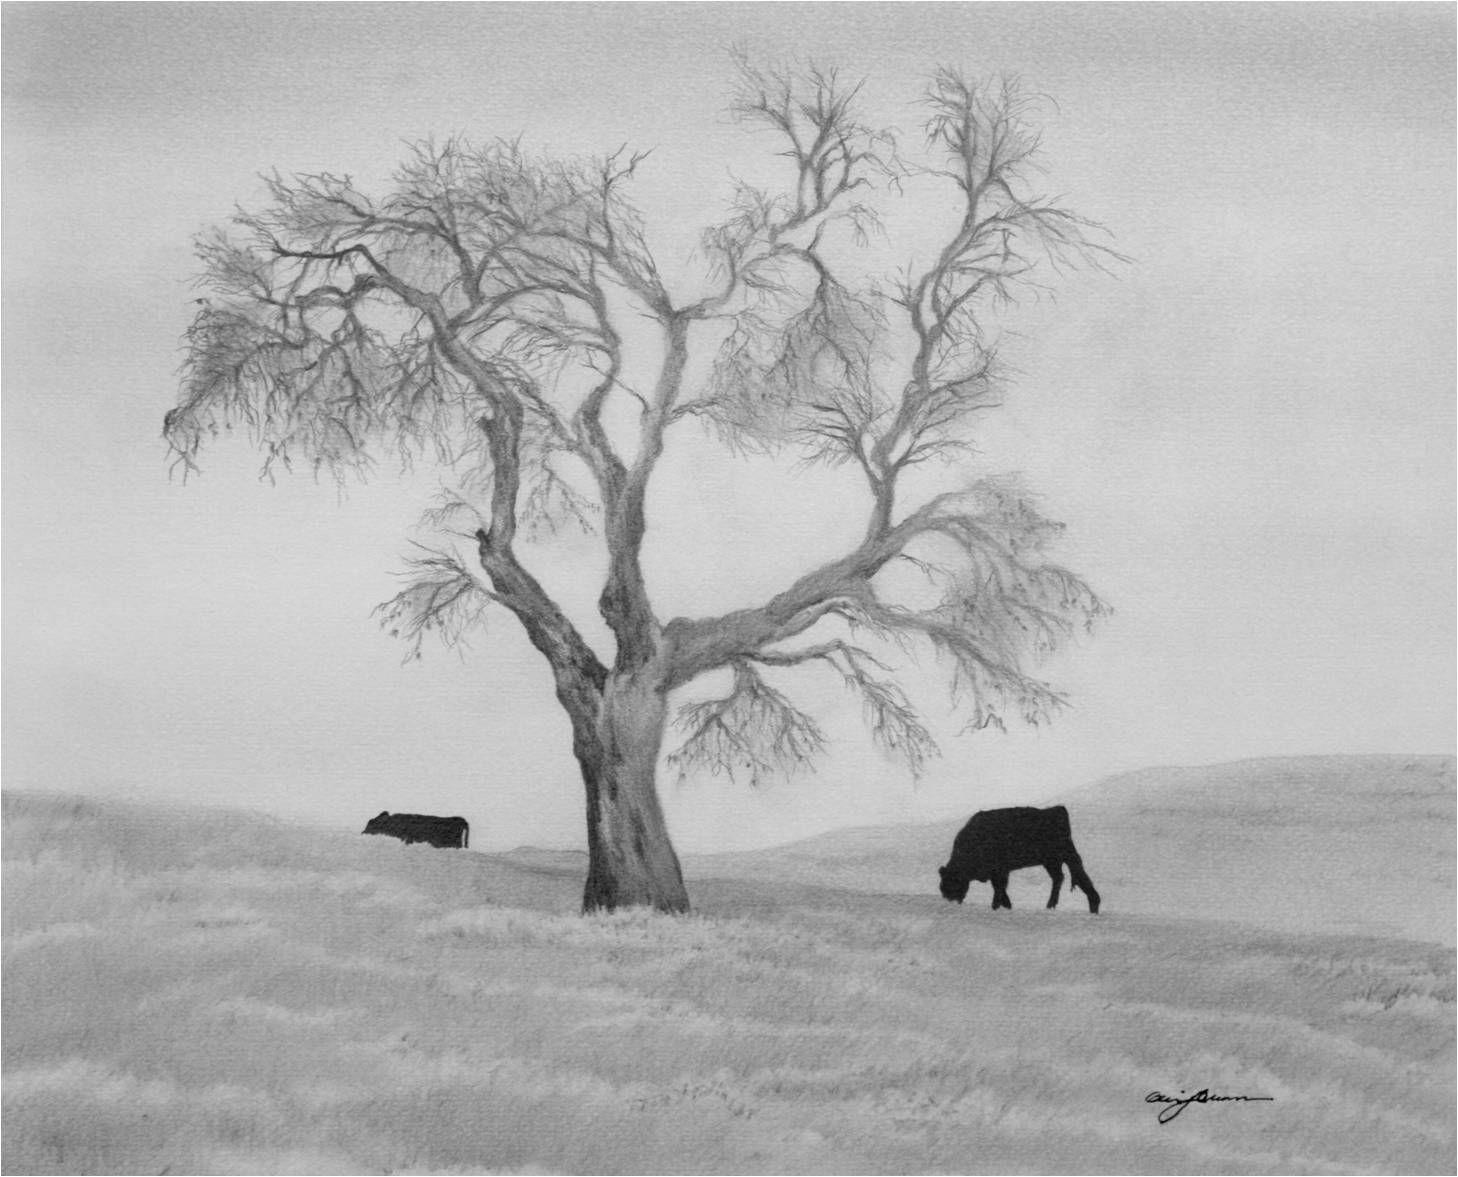 Lone Oak Tree Landscape Pencil Drawings Cool Landscapes Pencil Drawings